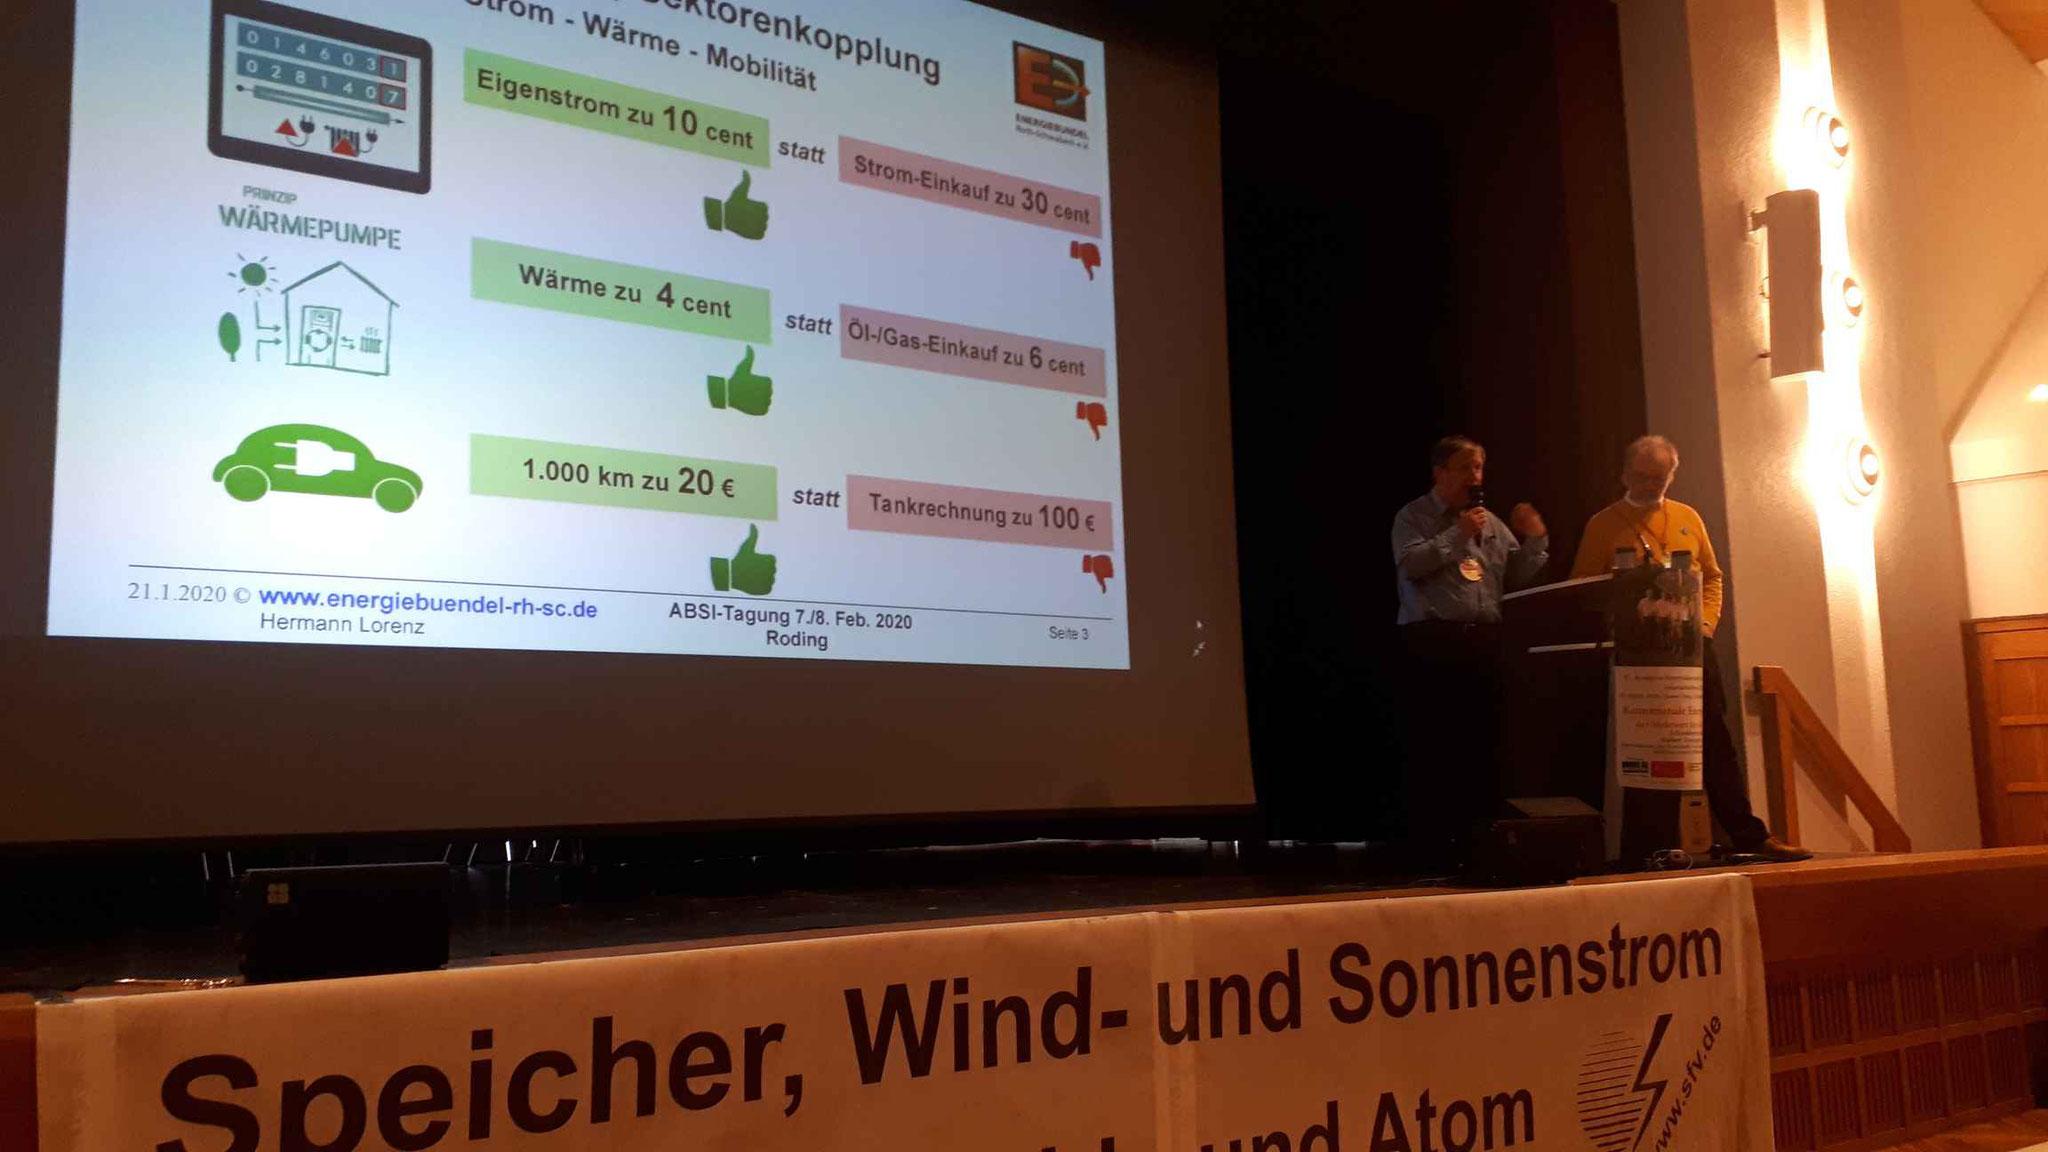 ... und stellt Sektorenkopplung Strom-Wärme-Mobilität in den Mittelpunkt